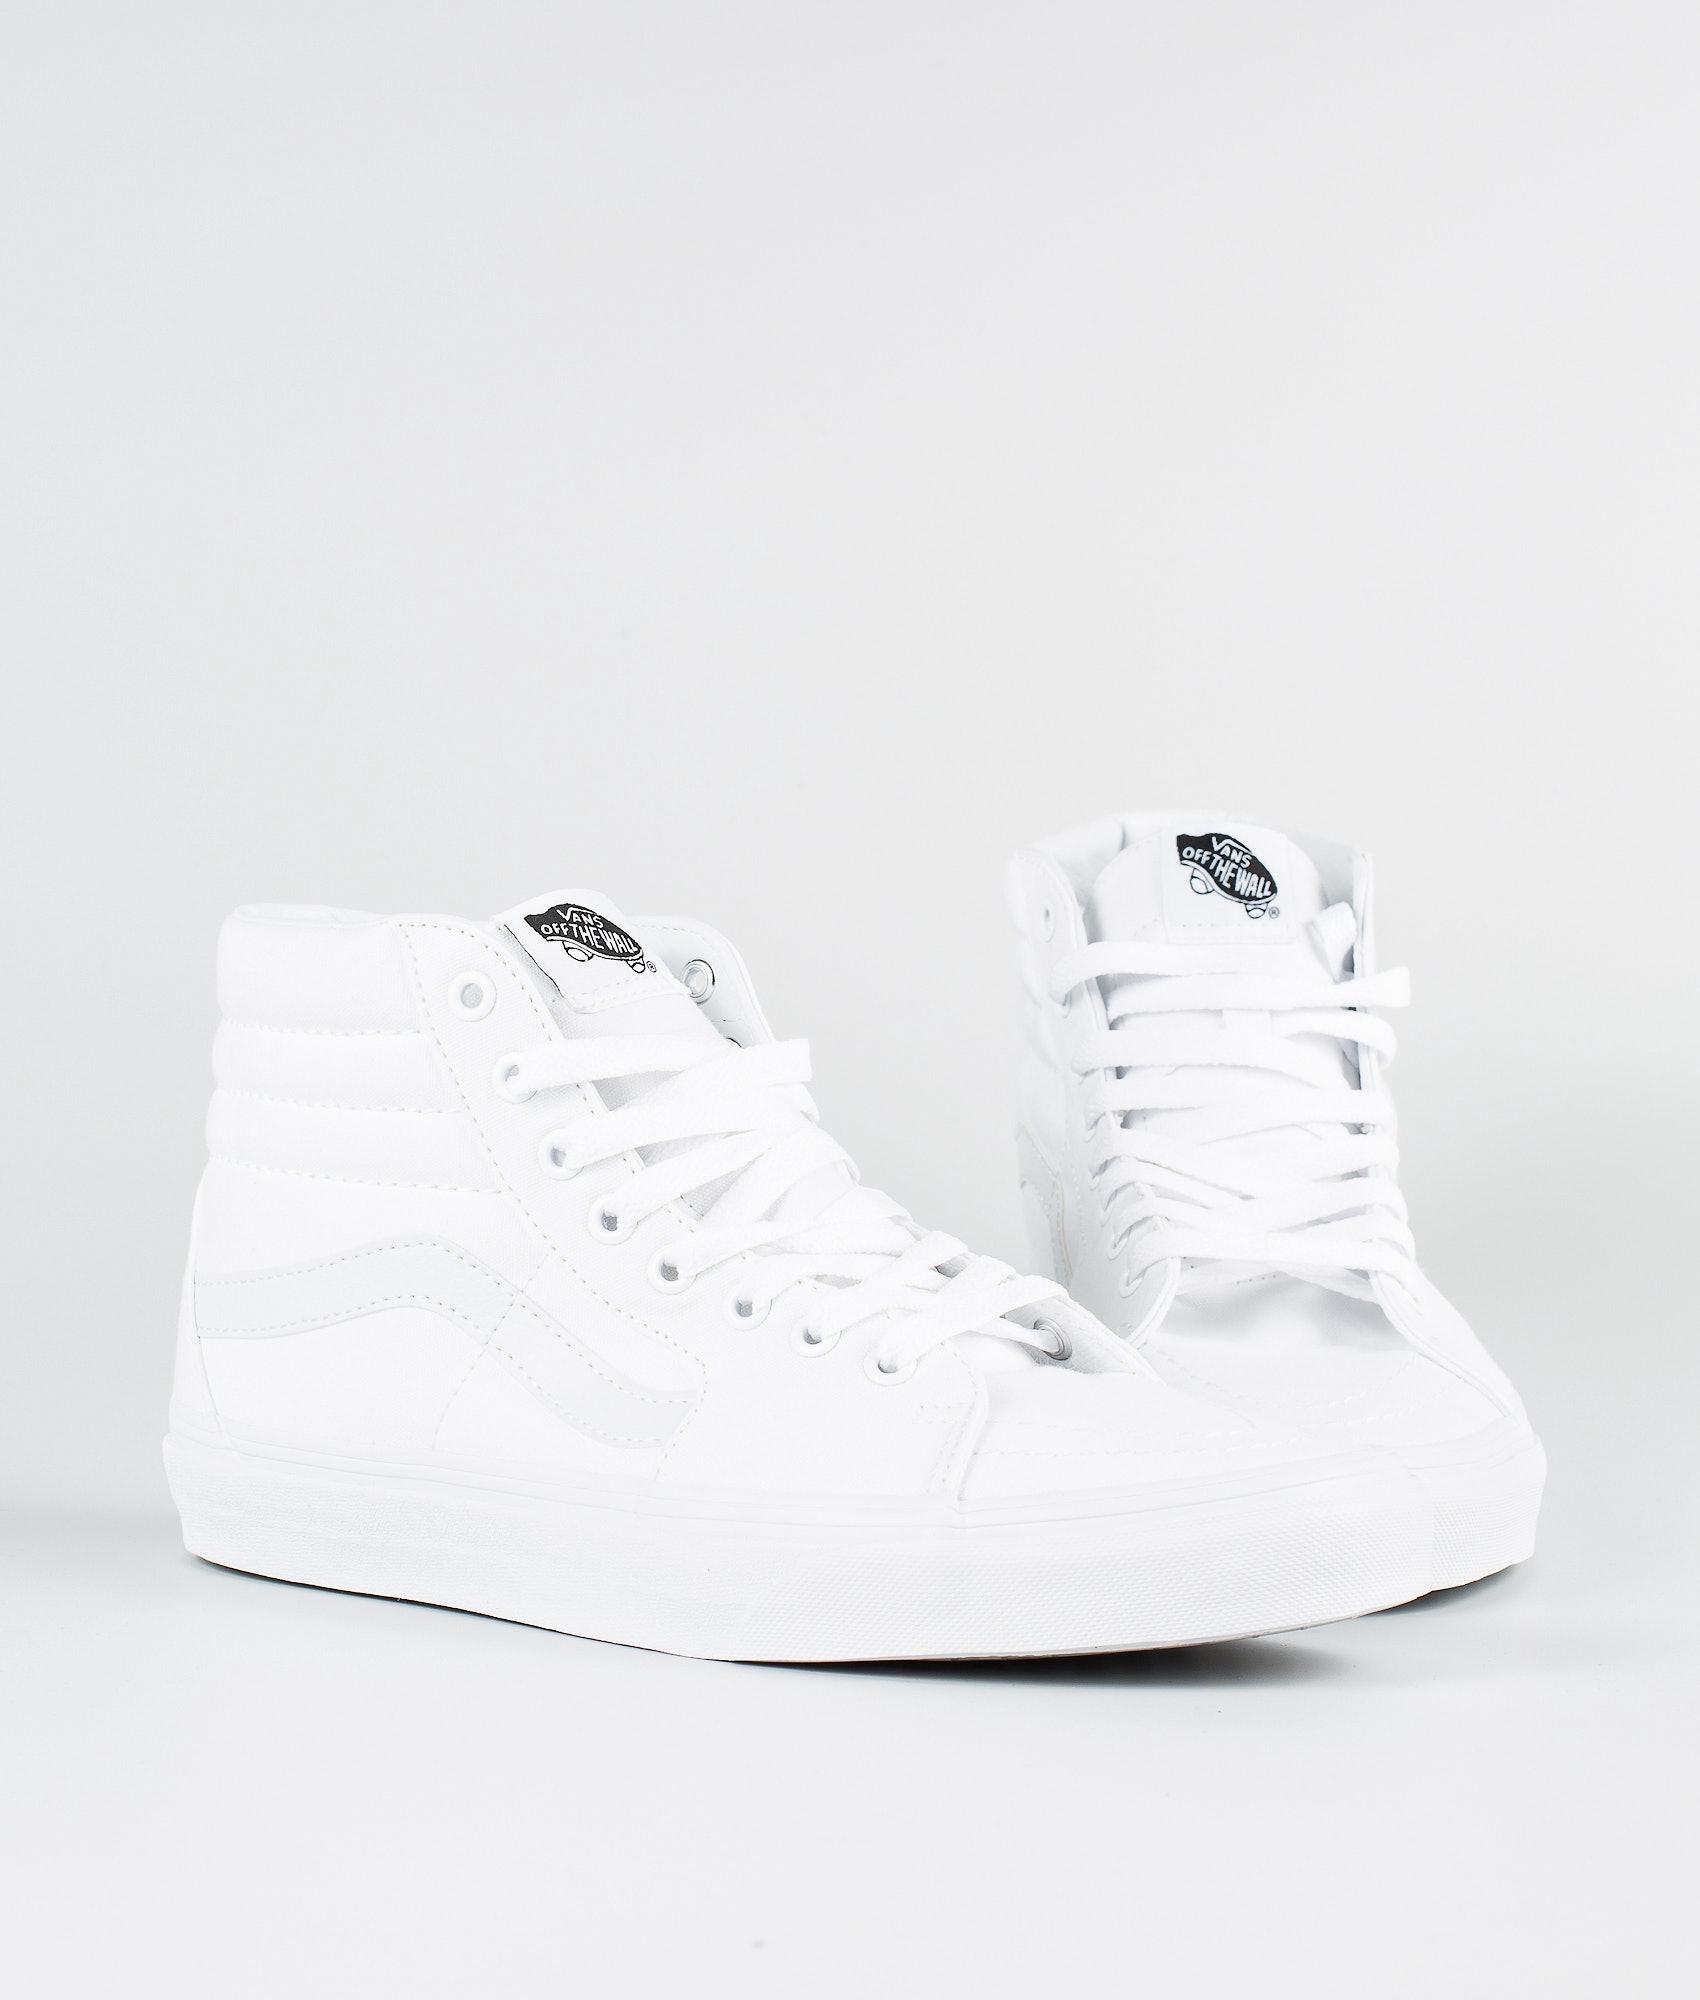 Vans Sk8-Hi Shoes True White - Ridestore.com cd72e5e03